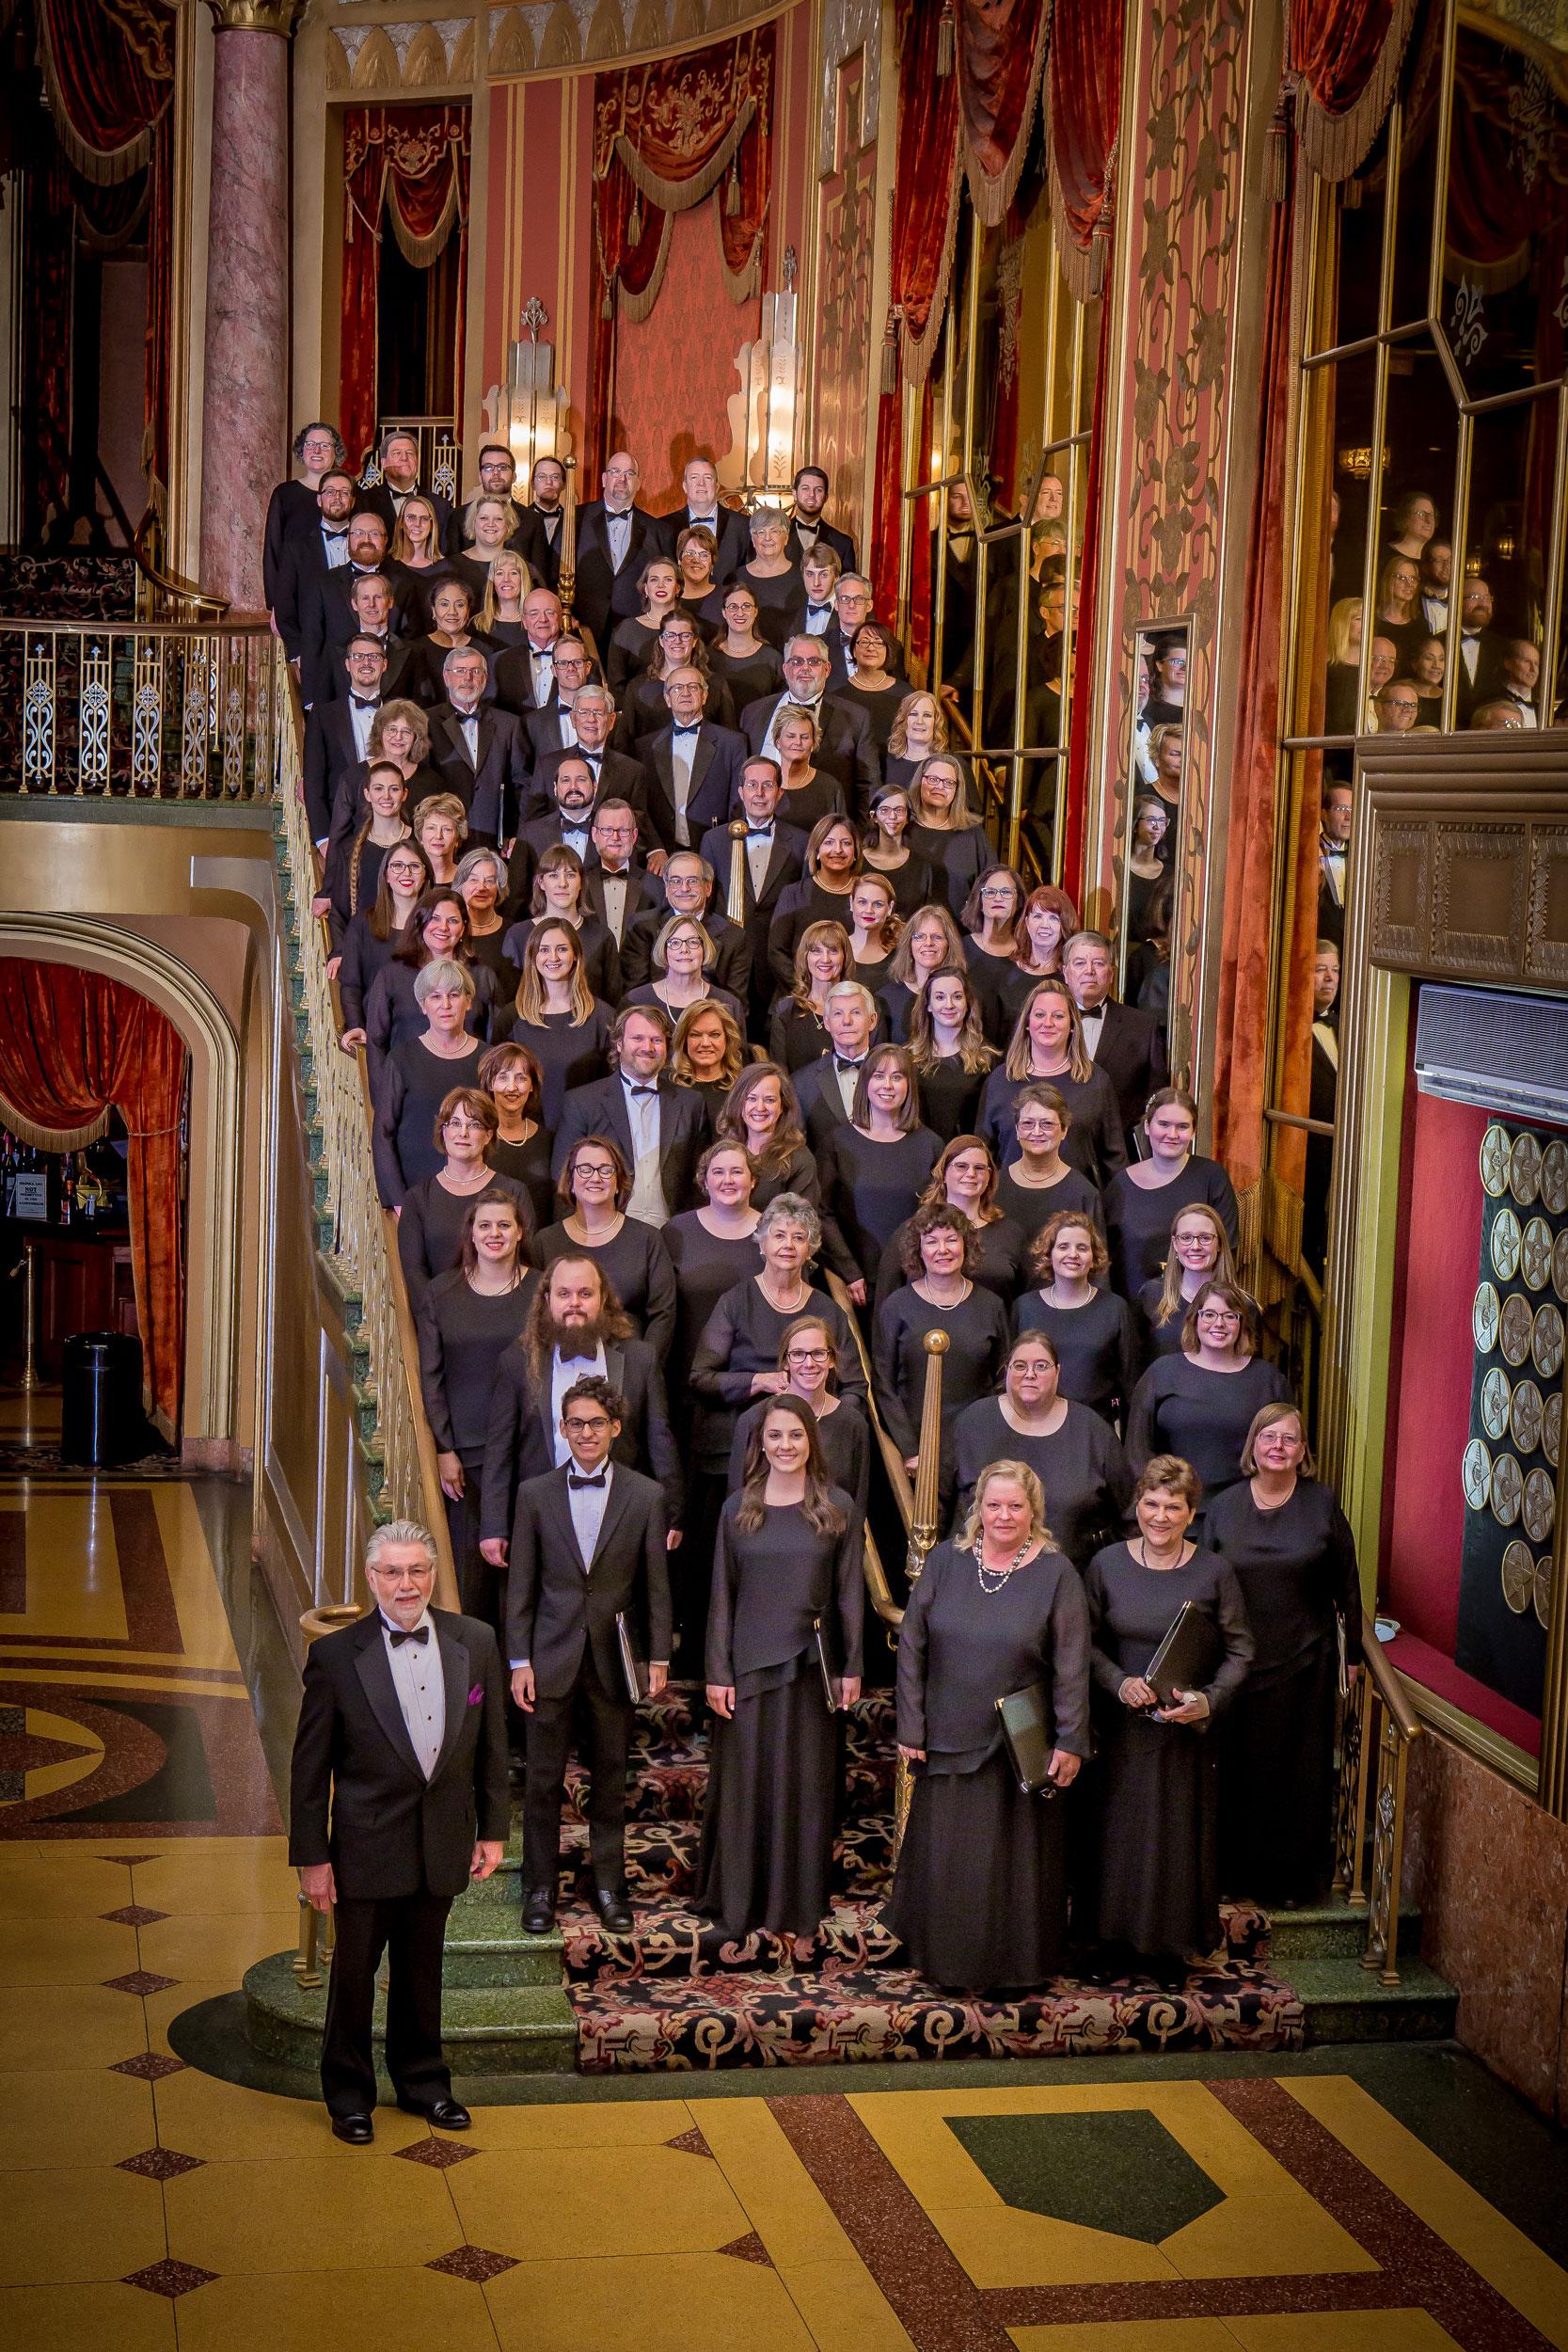 Erie-Philharmonic_009BG.jpg